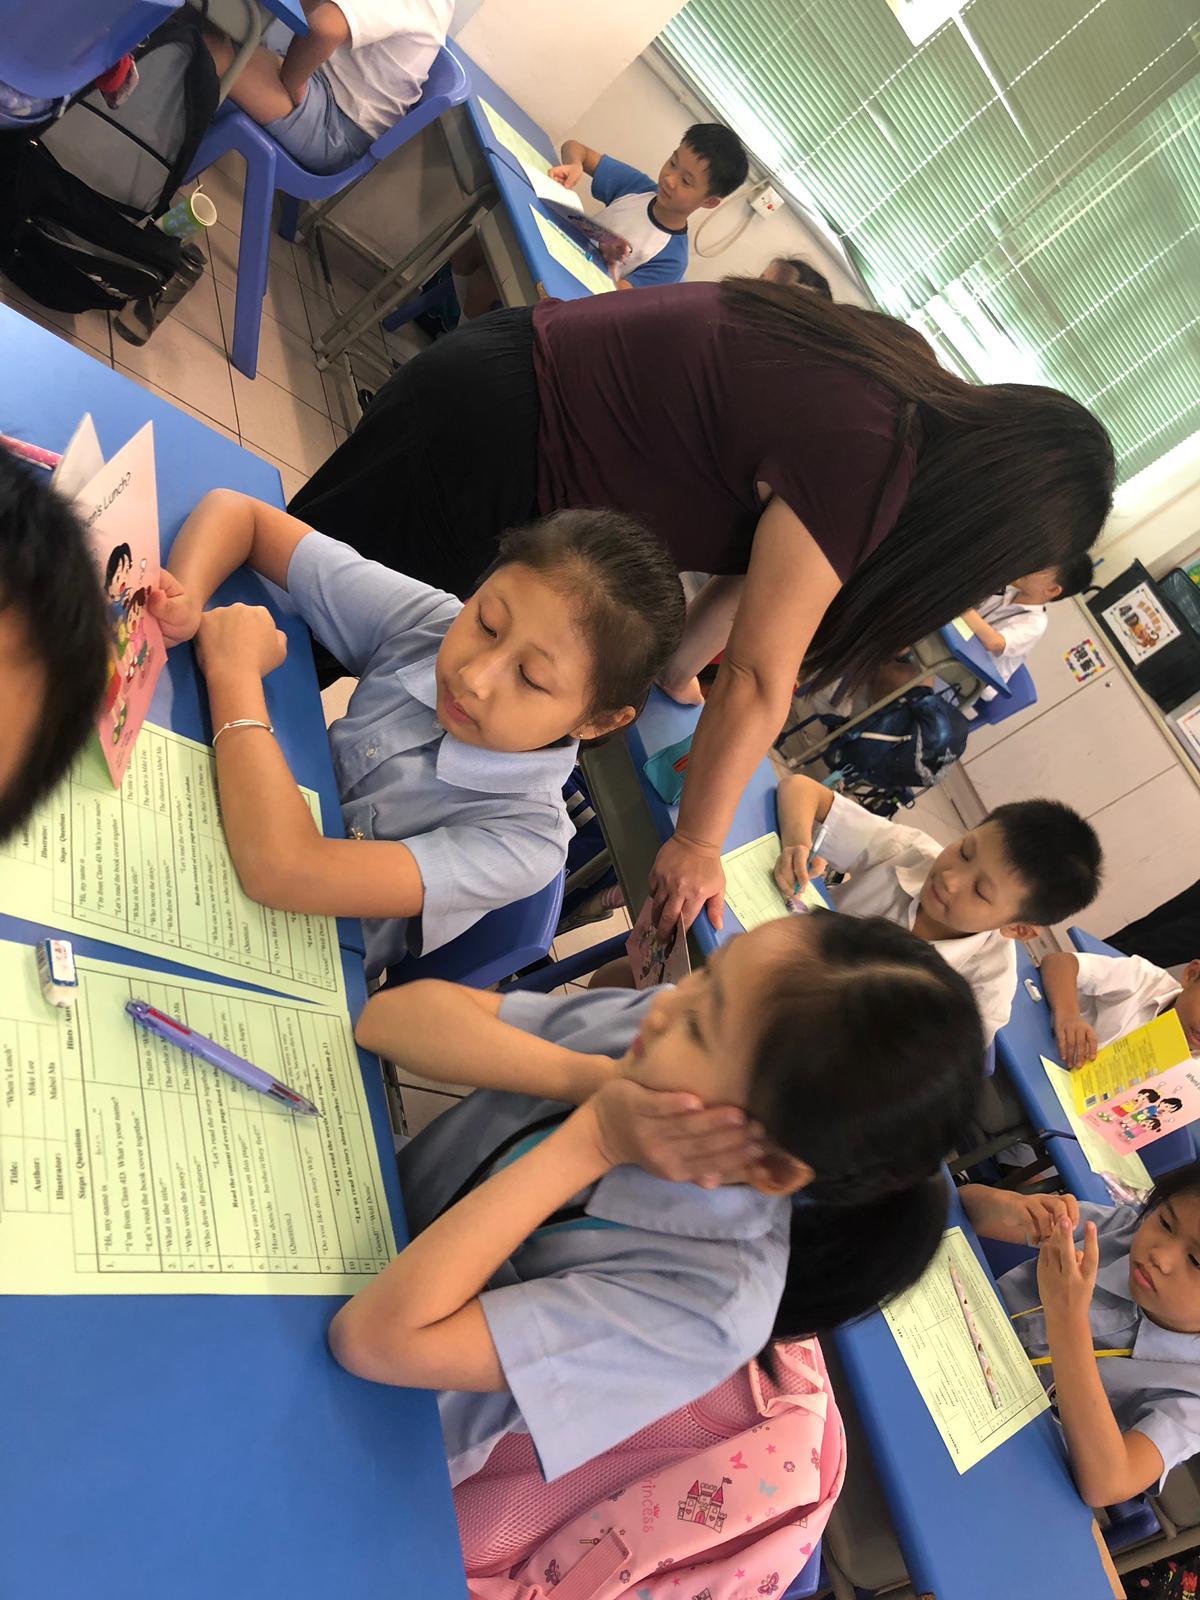 http://www.keiwan.edu.hk/sites/default/files/img-20191005-wa0017.jpg